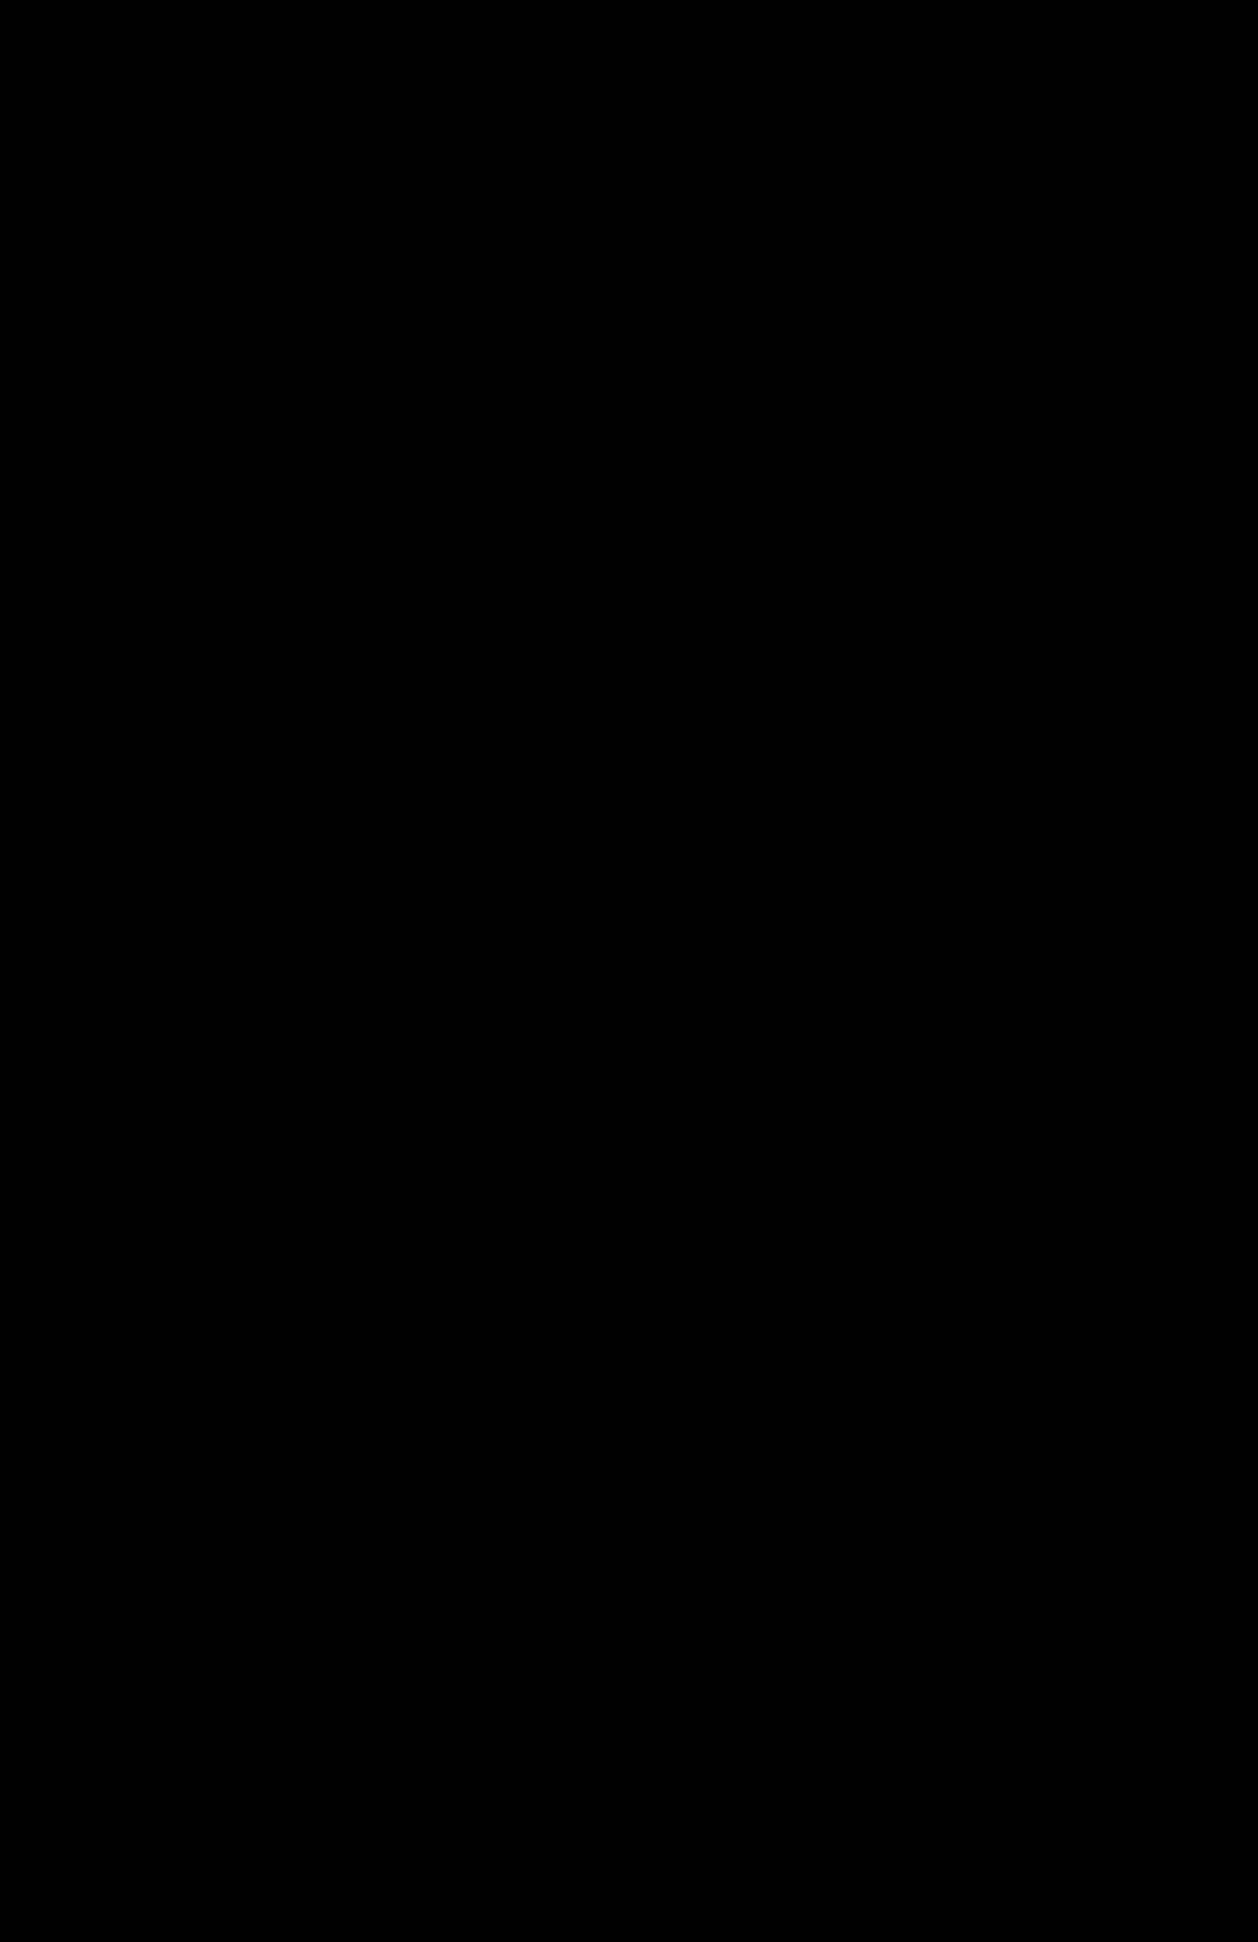 RENCONTRE avec Agathe NOVAK-LECHEVALIER autour de son ouvrage  «Houellebecq, l'art de la consolation» – MARDI 4 DECEMBRE 2018 – 19h30 – gratuit – réservation conseillée